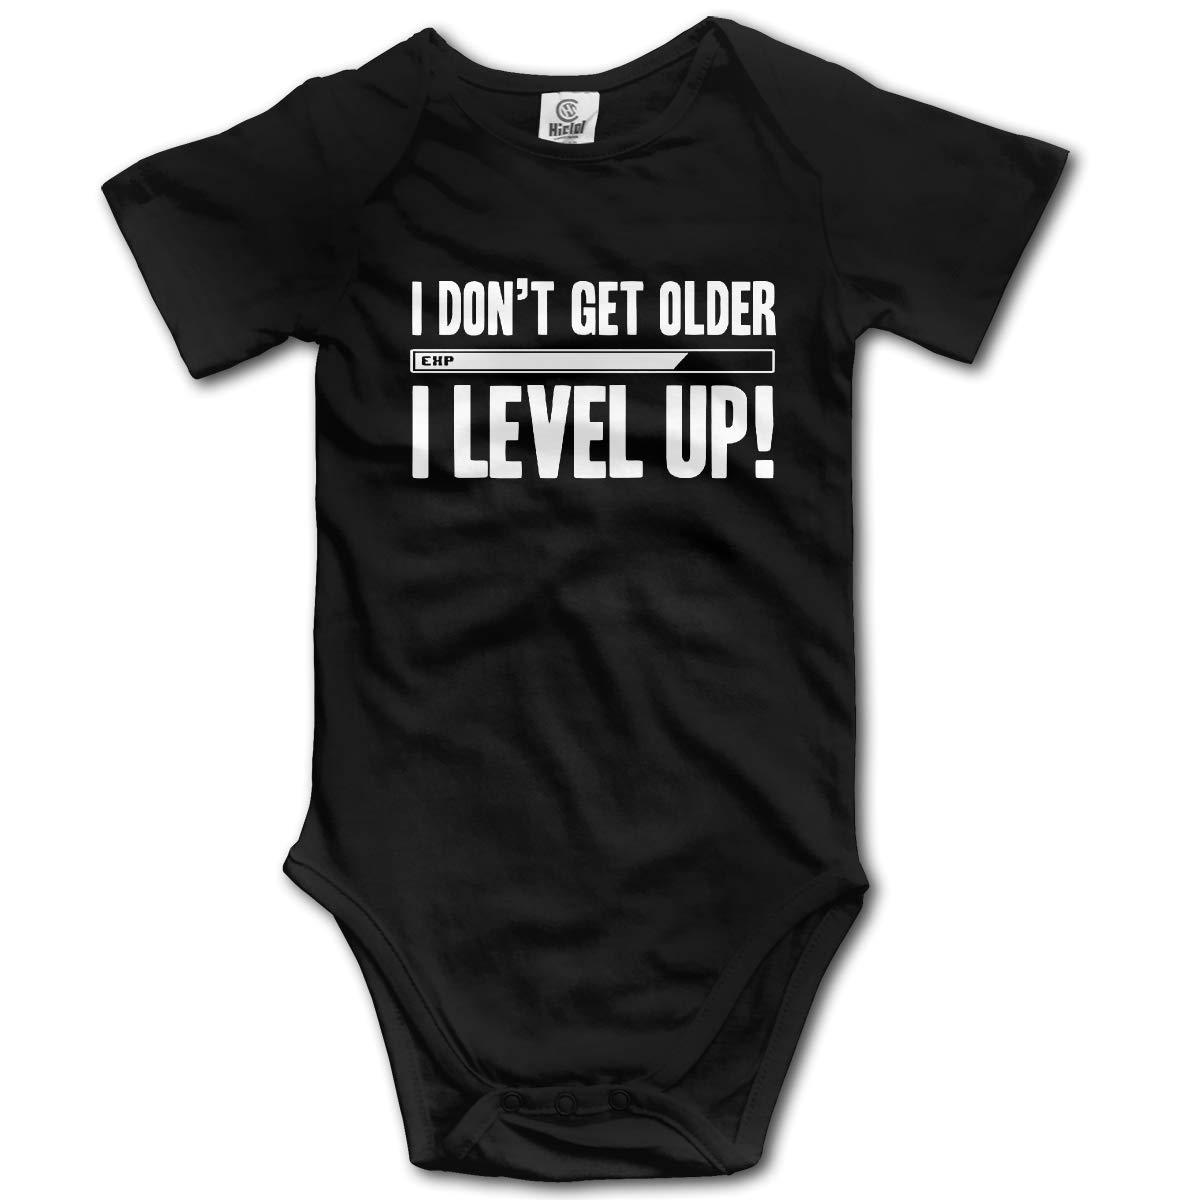 I Dont Get Older I Level Up Infant Baby Romper Summer Short Sleeve Jumpsuit Novelty Funny Gift